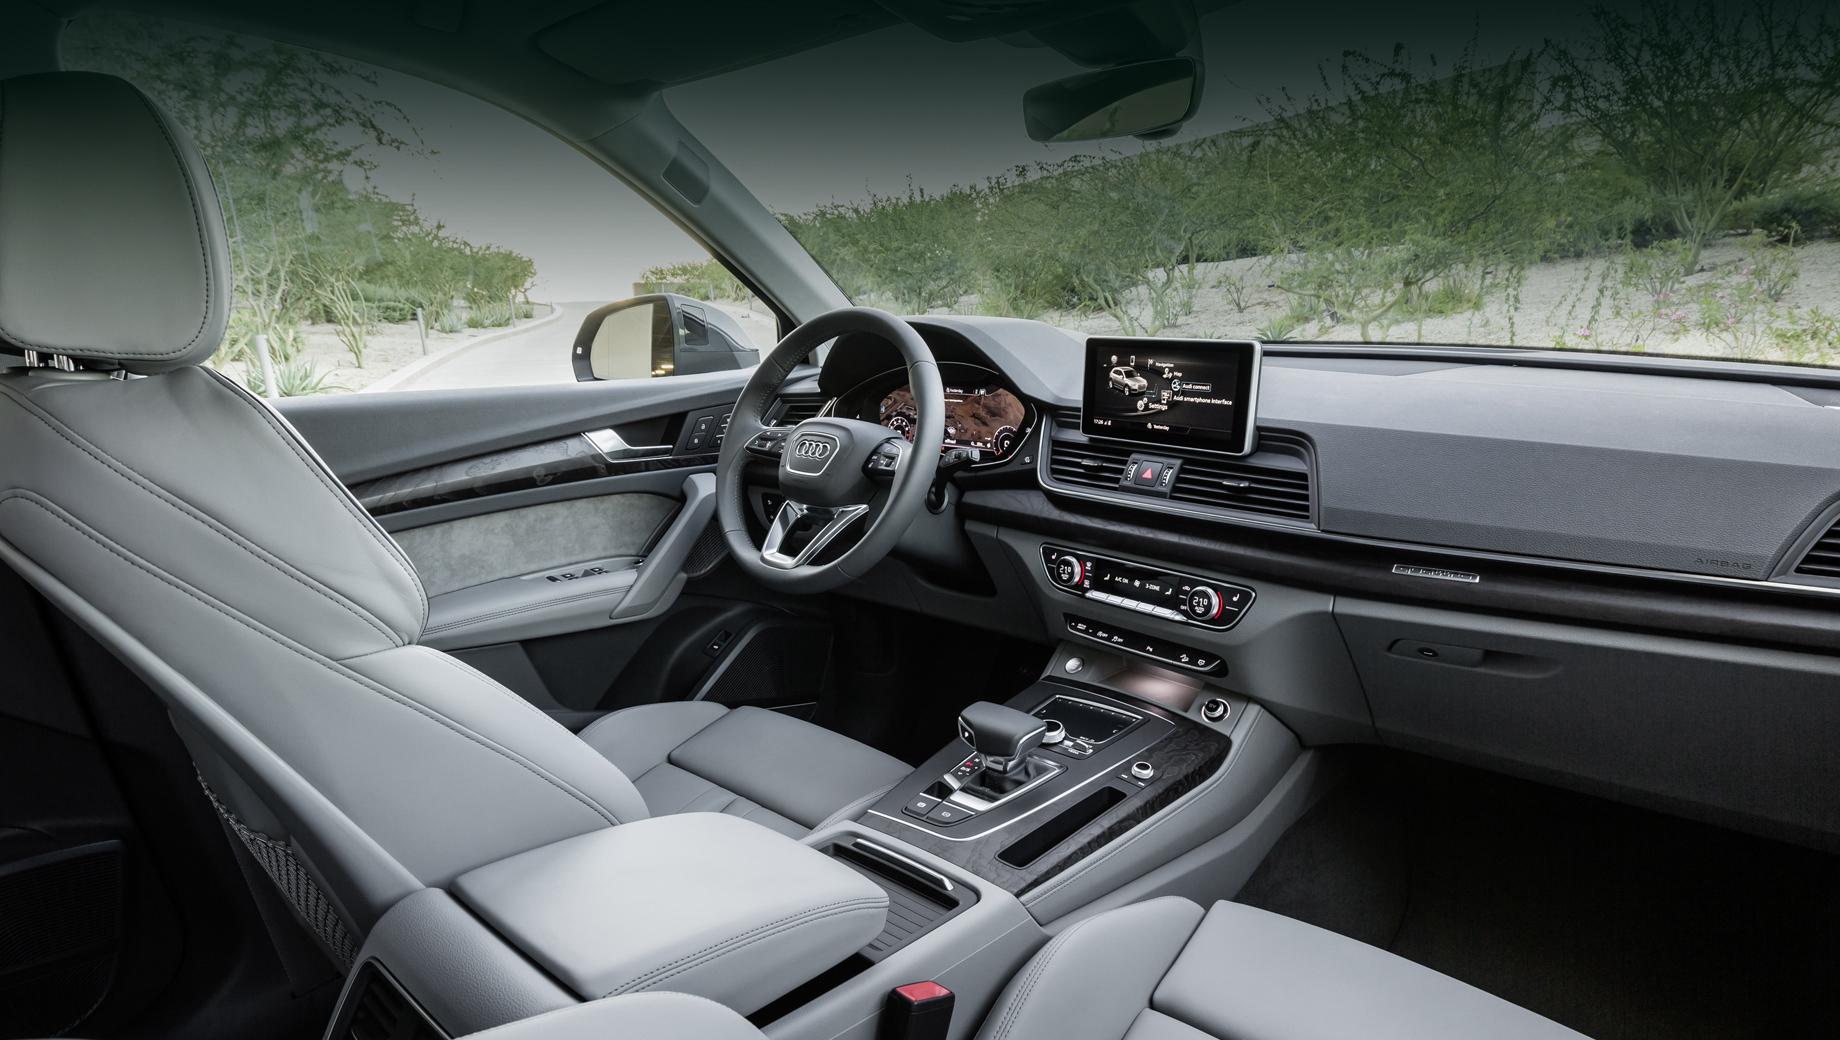 Audi Q5 отозван из-за дефекта спинки переднего сиденья